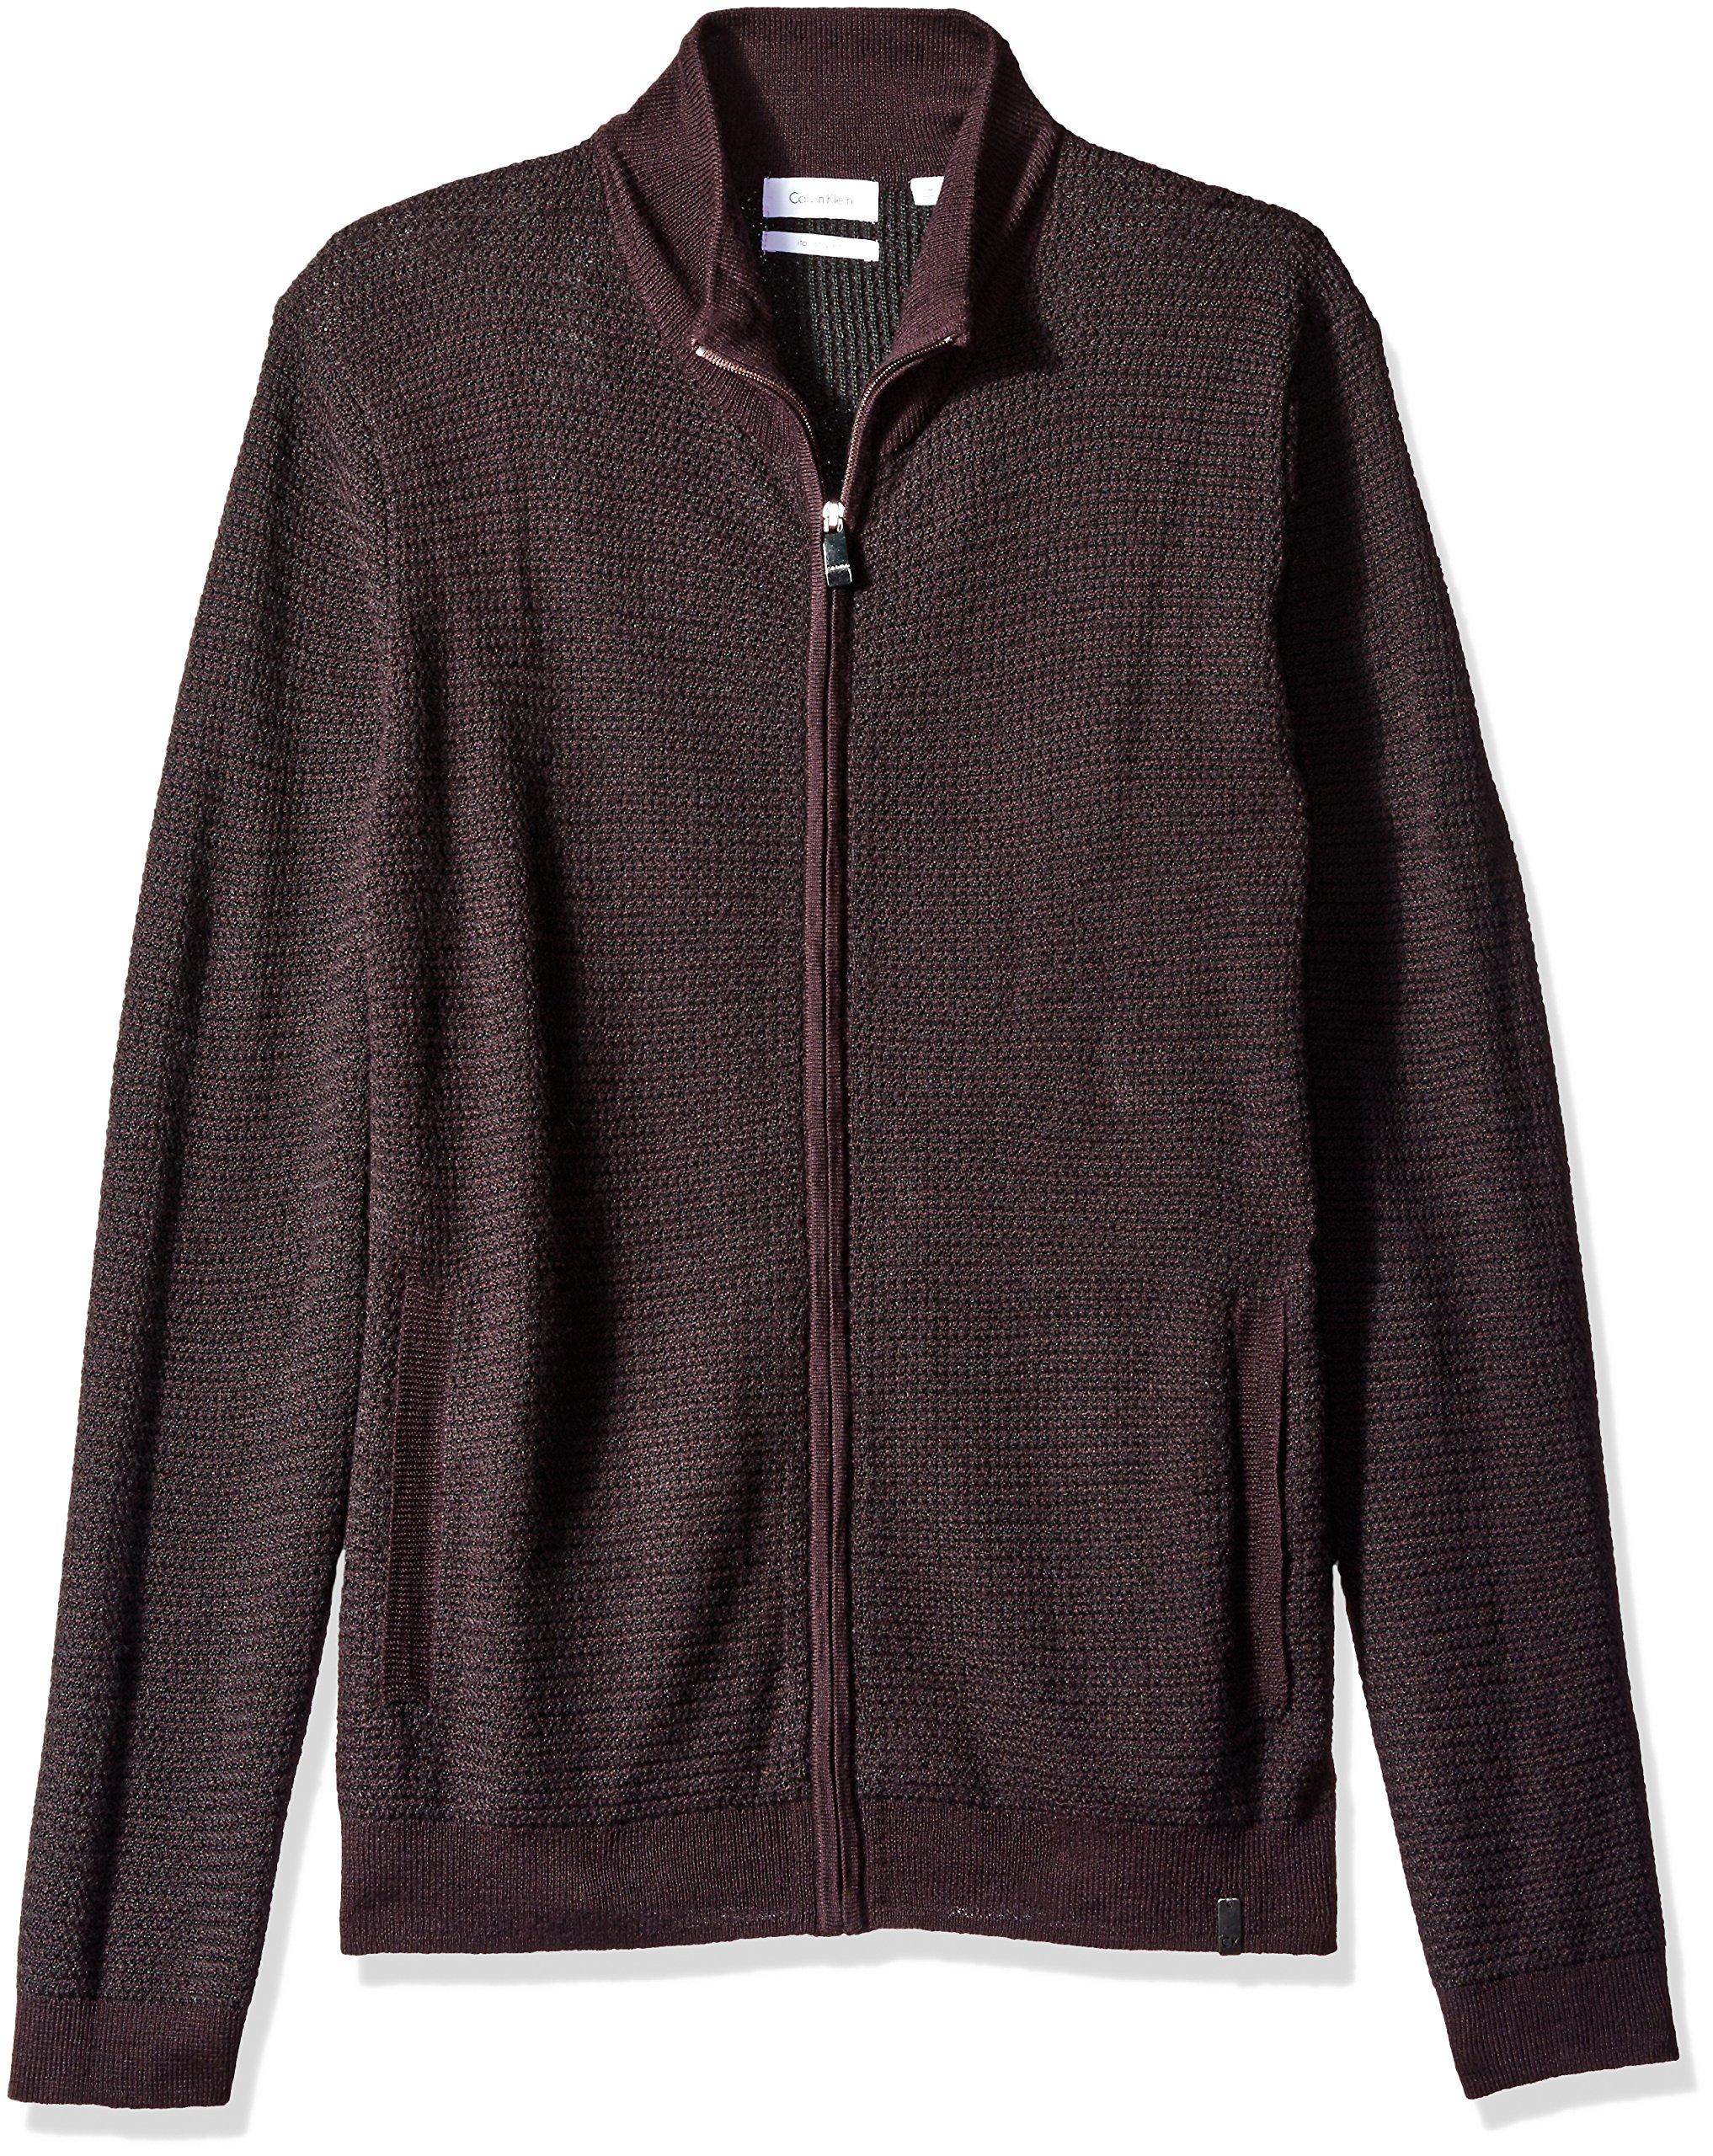 Calvin Klein Men's Merino Full Zip Sweater, Dark Chestnut Combo, Large